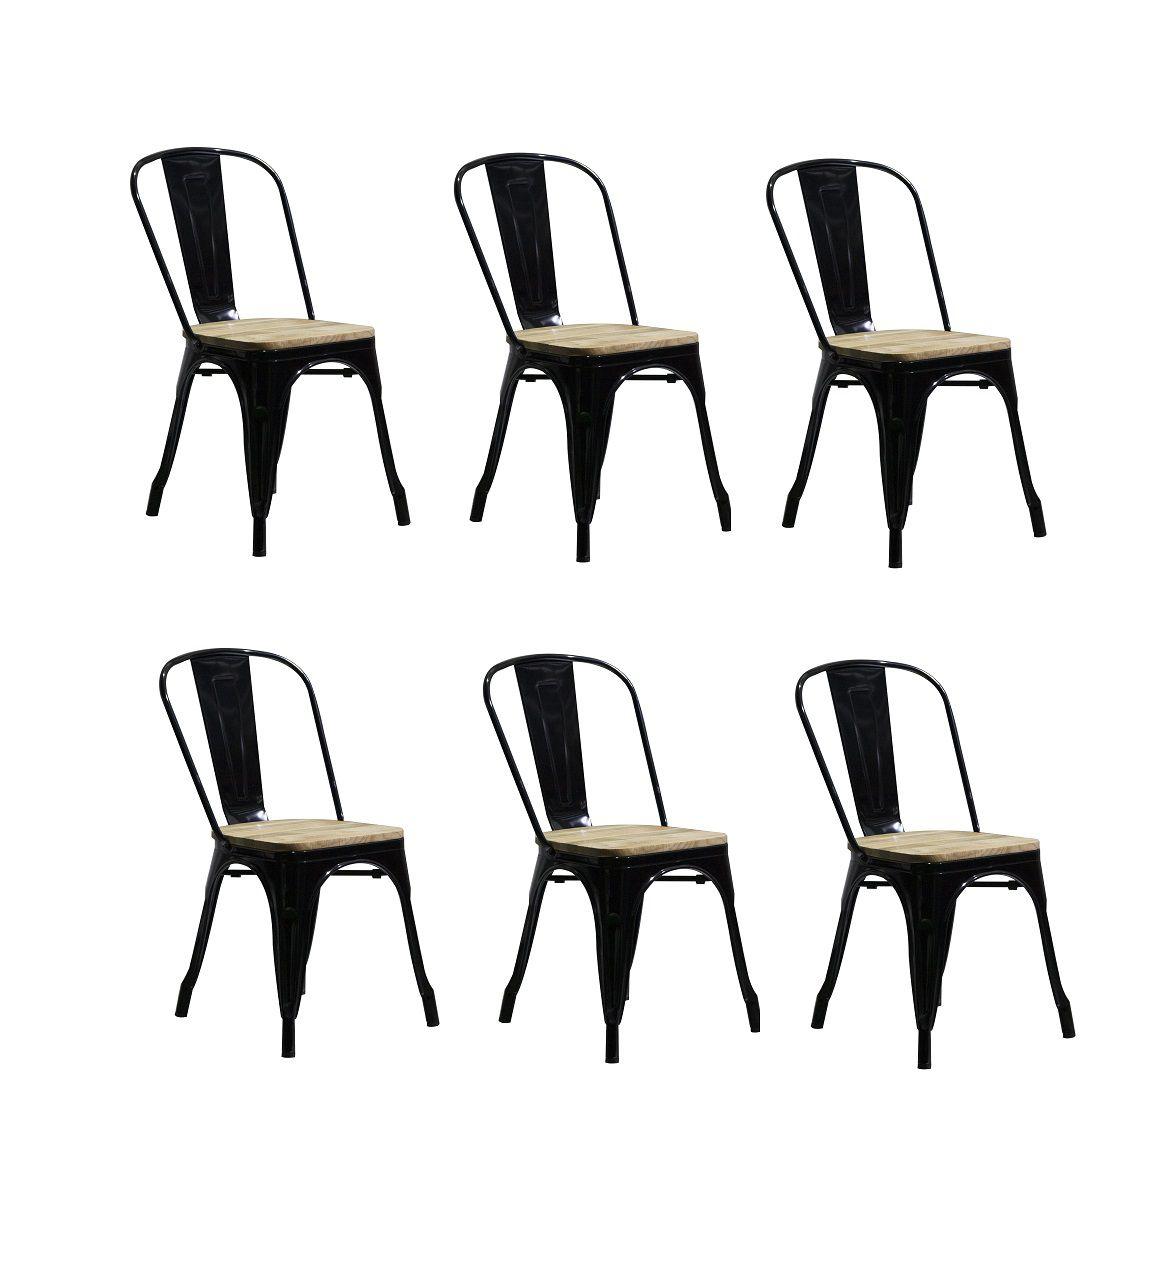 Kit 6 Cadeiras Design Tolix Metal Assento em Madeira Pelegrin PEL-1520  Preta